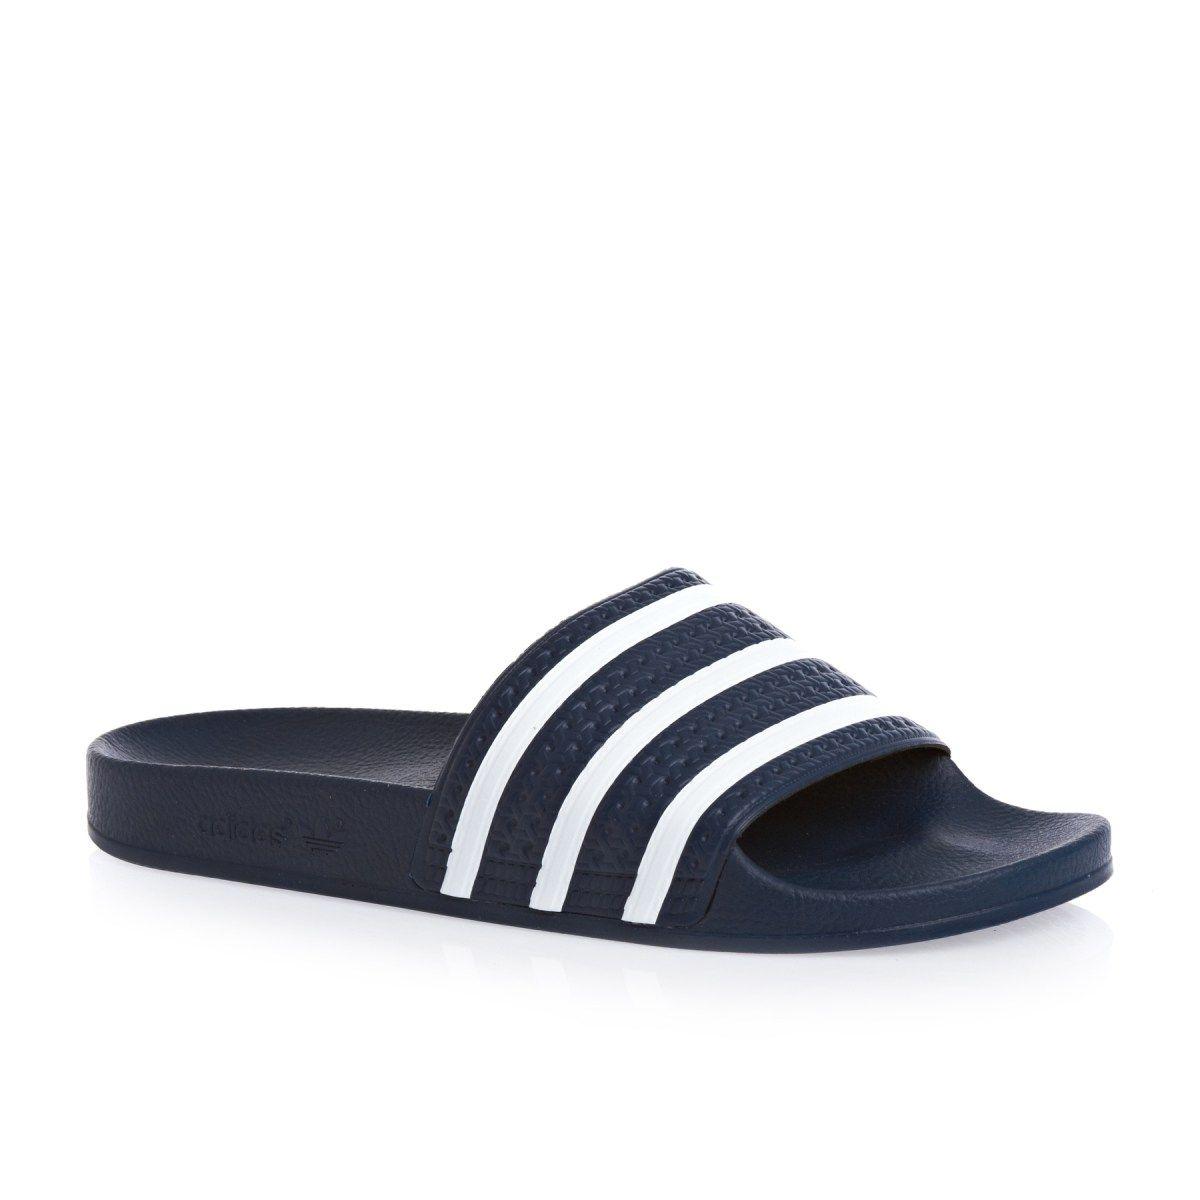 gemelo Pronombre pantalones  Men's adidas originals Sandals - adidas originals Adilette N Sandals -  adidas Blue | Adidas sandals, Blue sandals, Mens flip flops